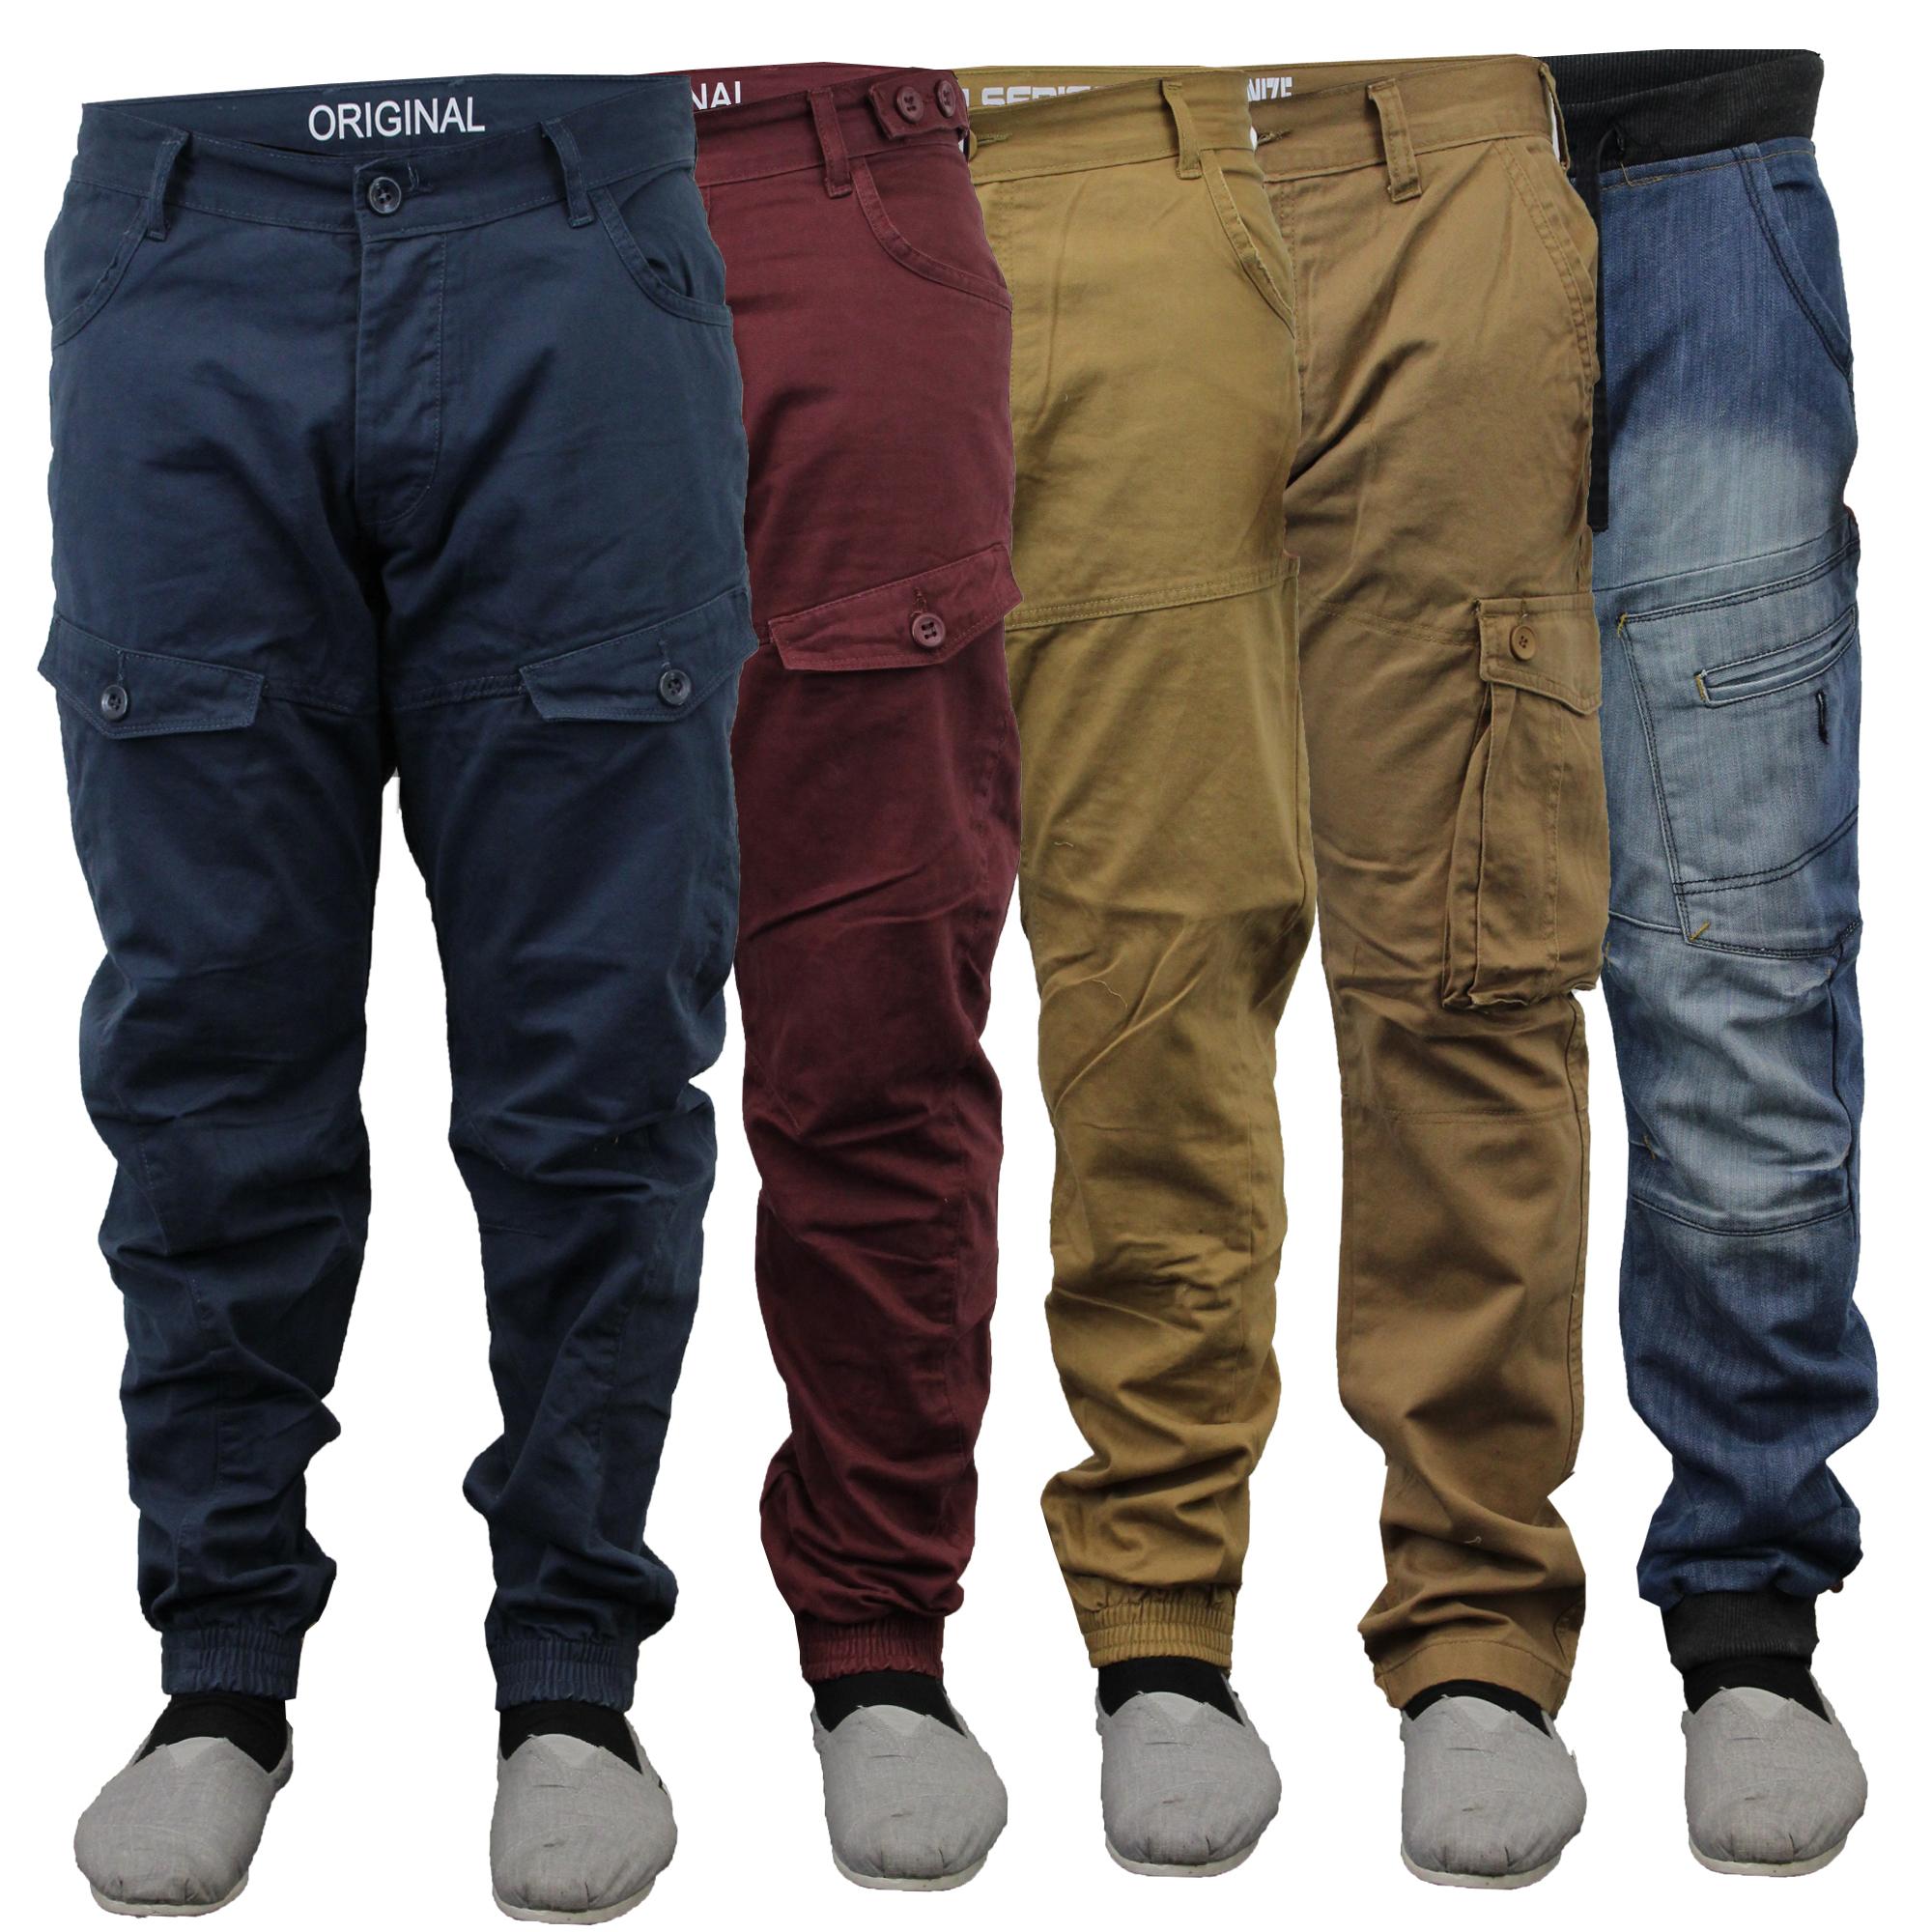 pantalon jean elastique homme. Black Bedroom Furniture Sets. Home Design Ideas